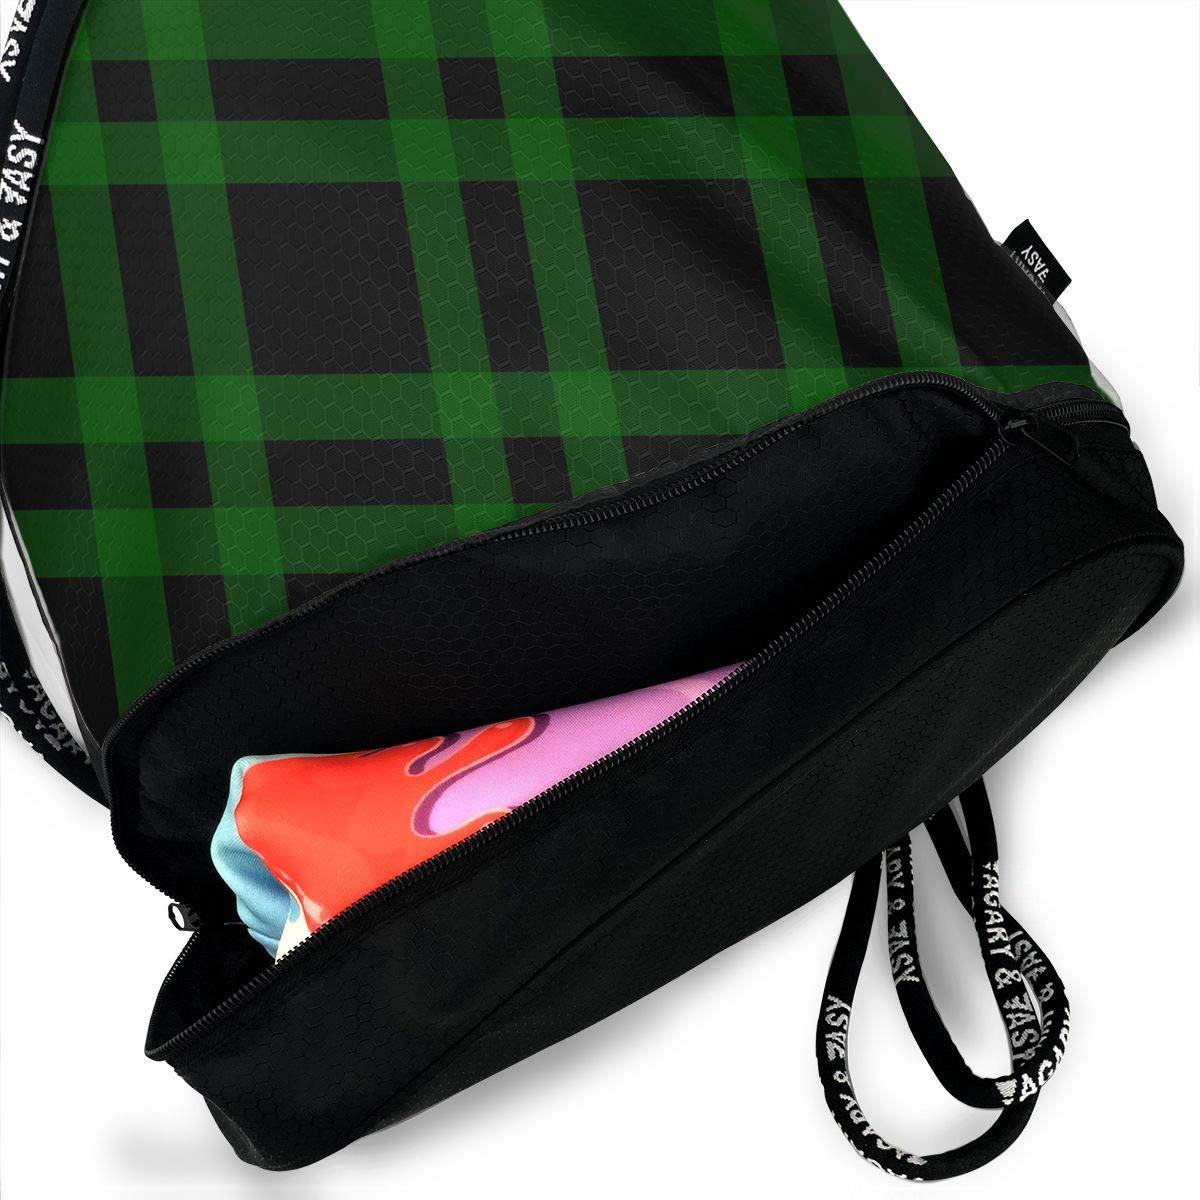 HUOPR5Q Black Green Plaid Pattern Drawstring Backpack Sport Gym Sack Shoulder Bulk Bag Dance Bag for School Travel